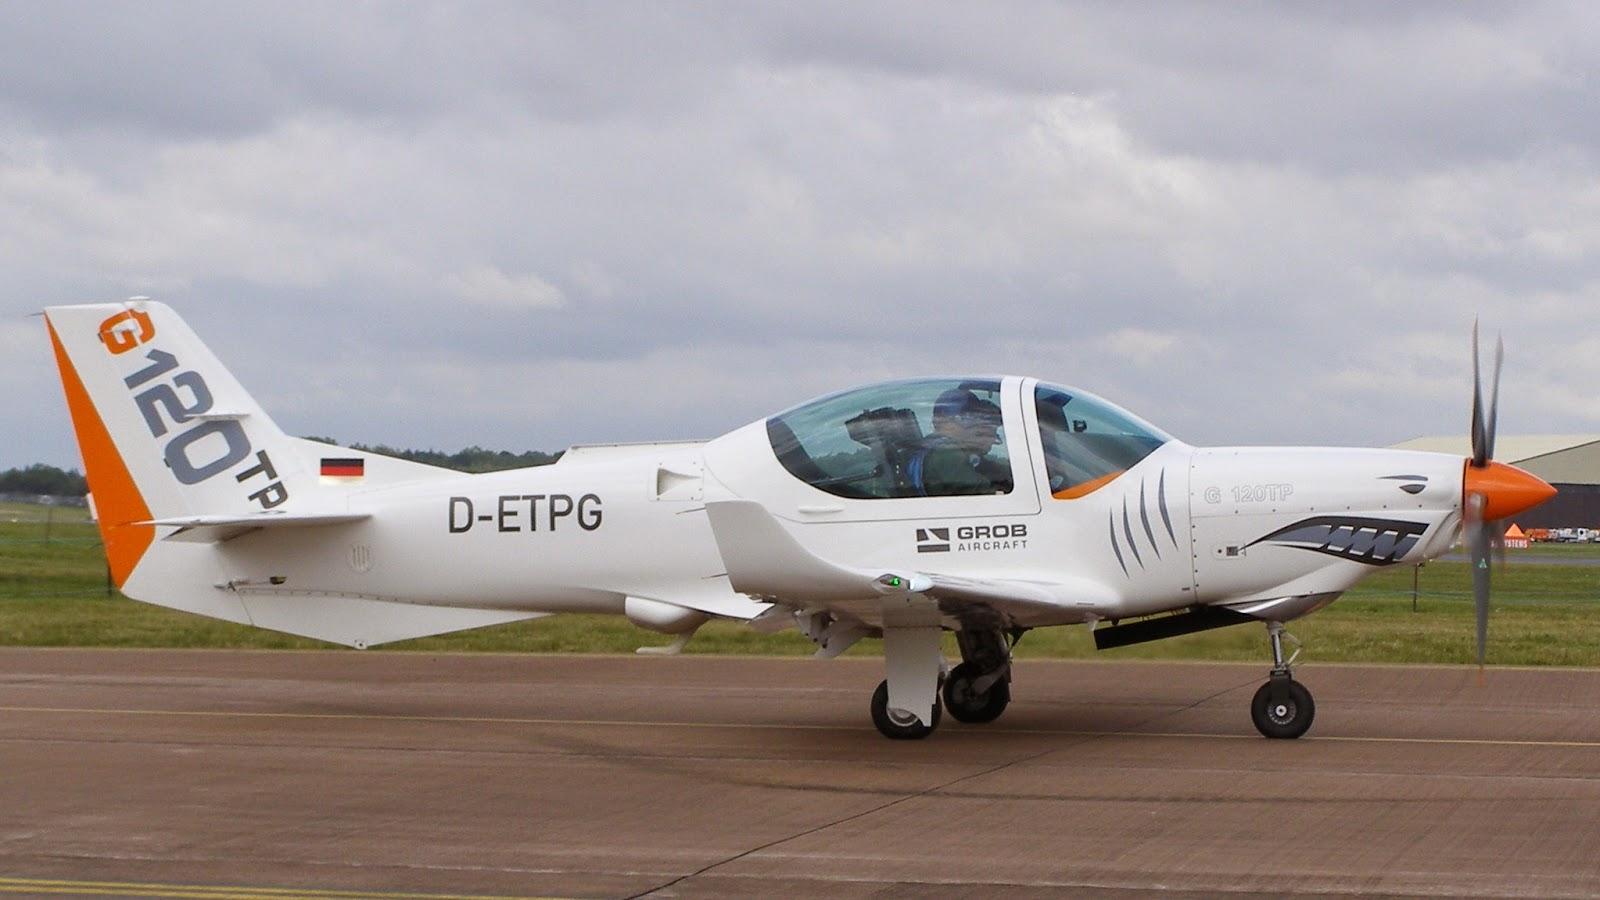 La Fuerza Aérea Mexicana compra 25 aeronaves turbohélice Grob G120TP. - Página 5 Grob120-D-ETPG